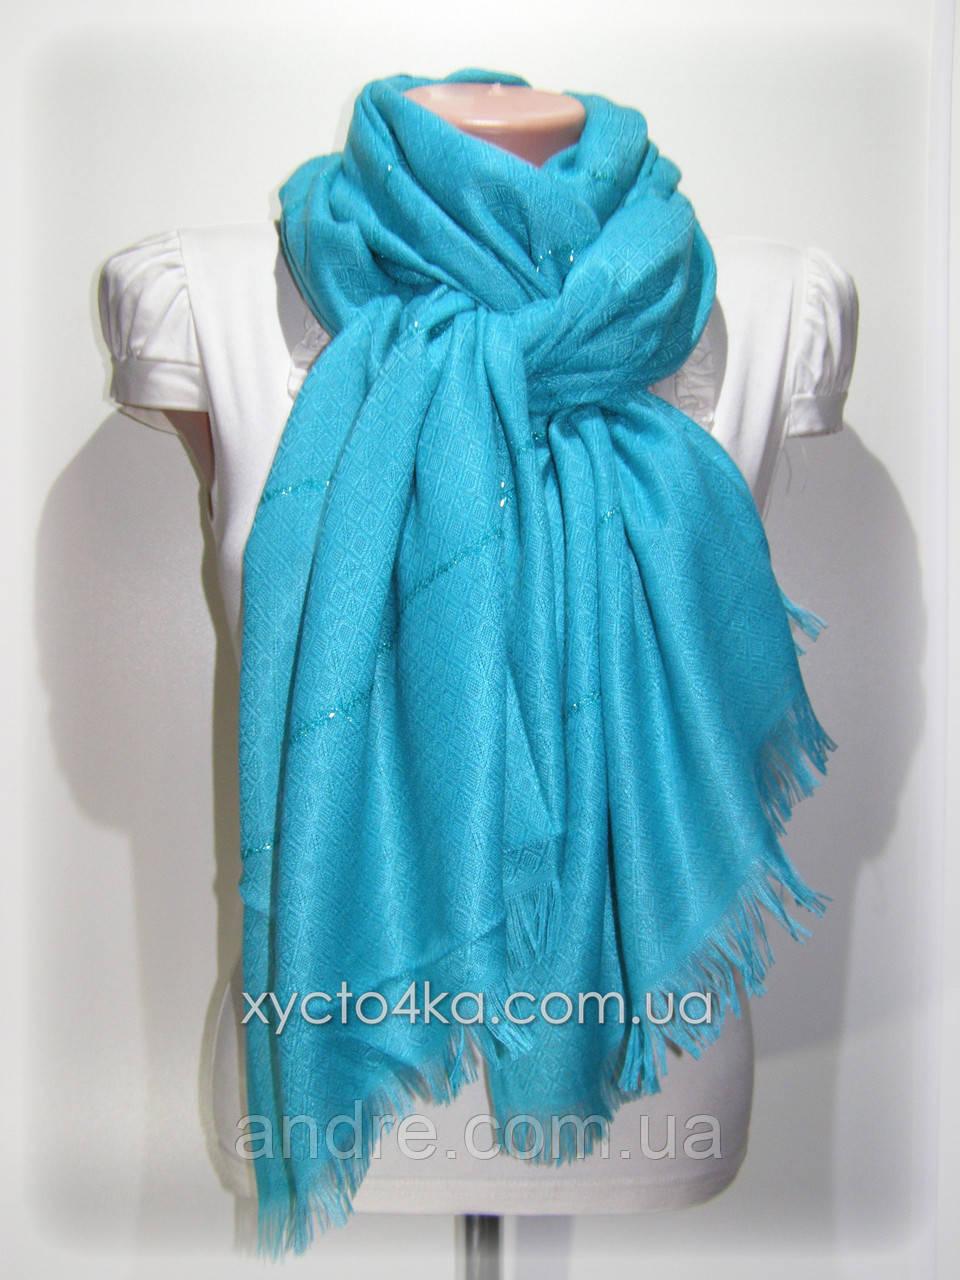 Однотонный шарф с люрексом Моника, бирюзовый